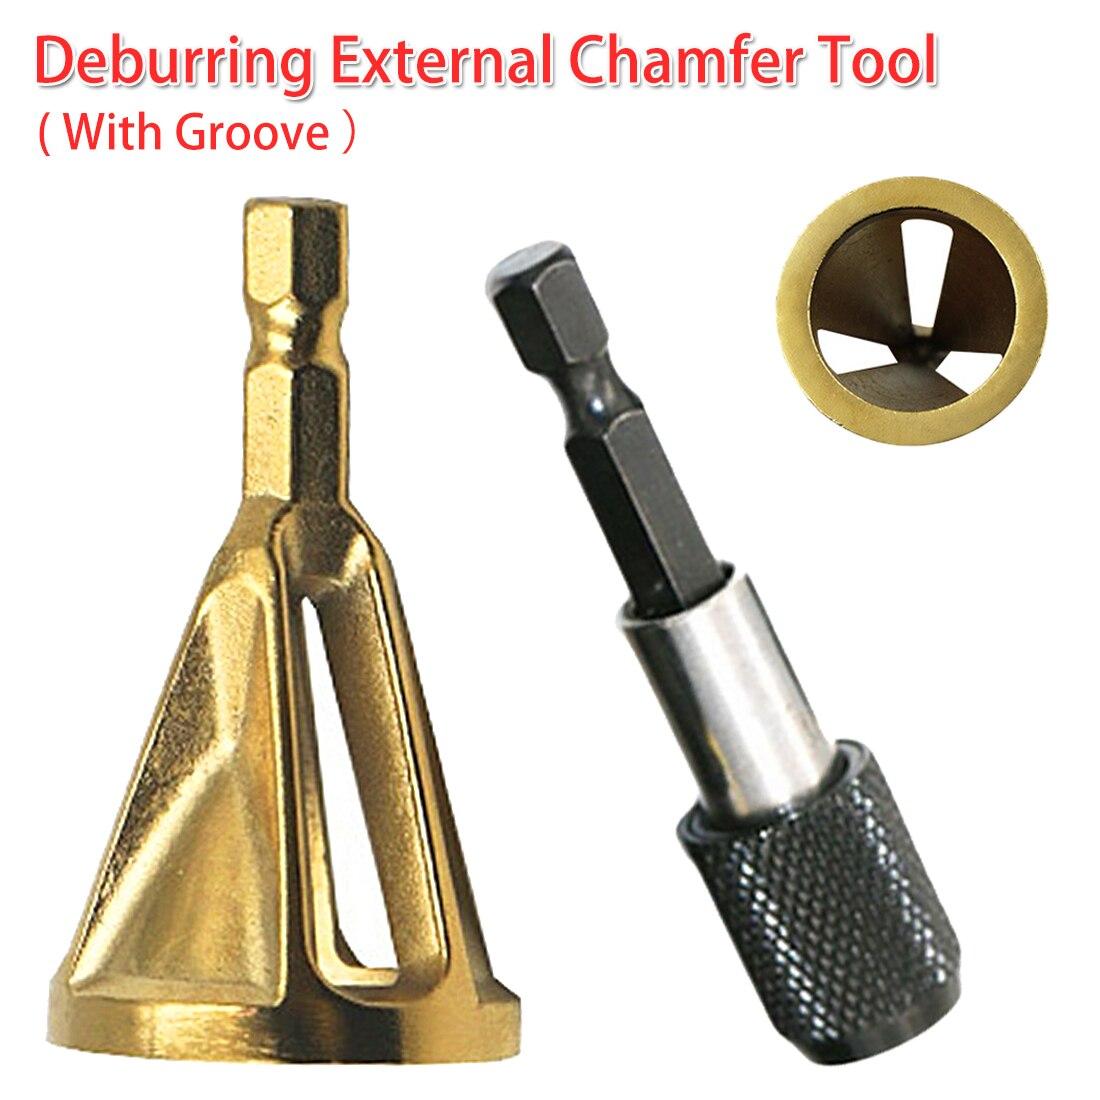 4-19mm Work Range Stainless Steel Deburring External Chamfer Tool Drill Bit Remove Burr 1/4 Shank For Copper/ Wood/ Plastic